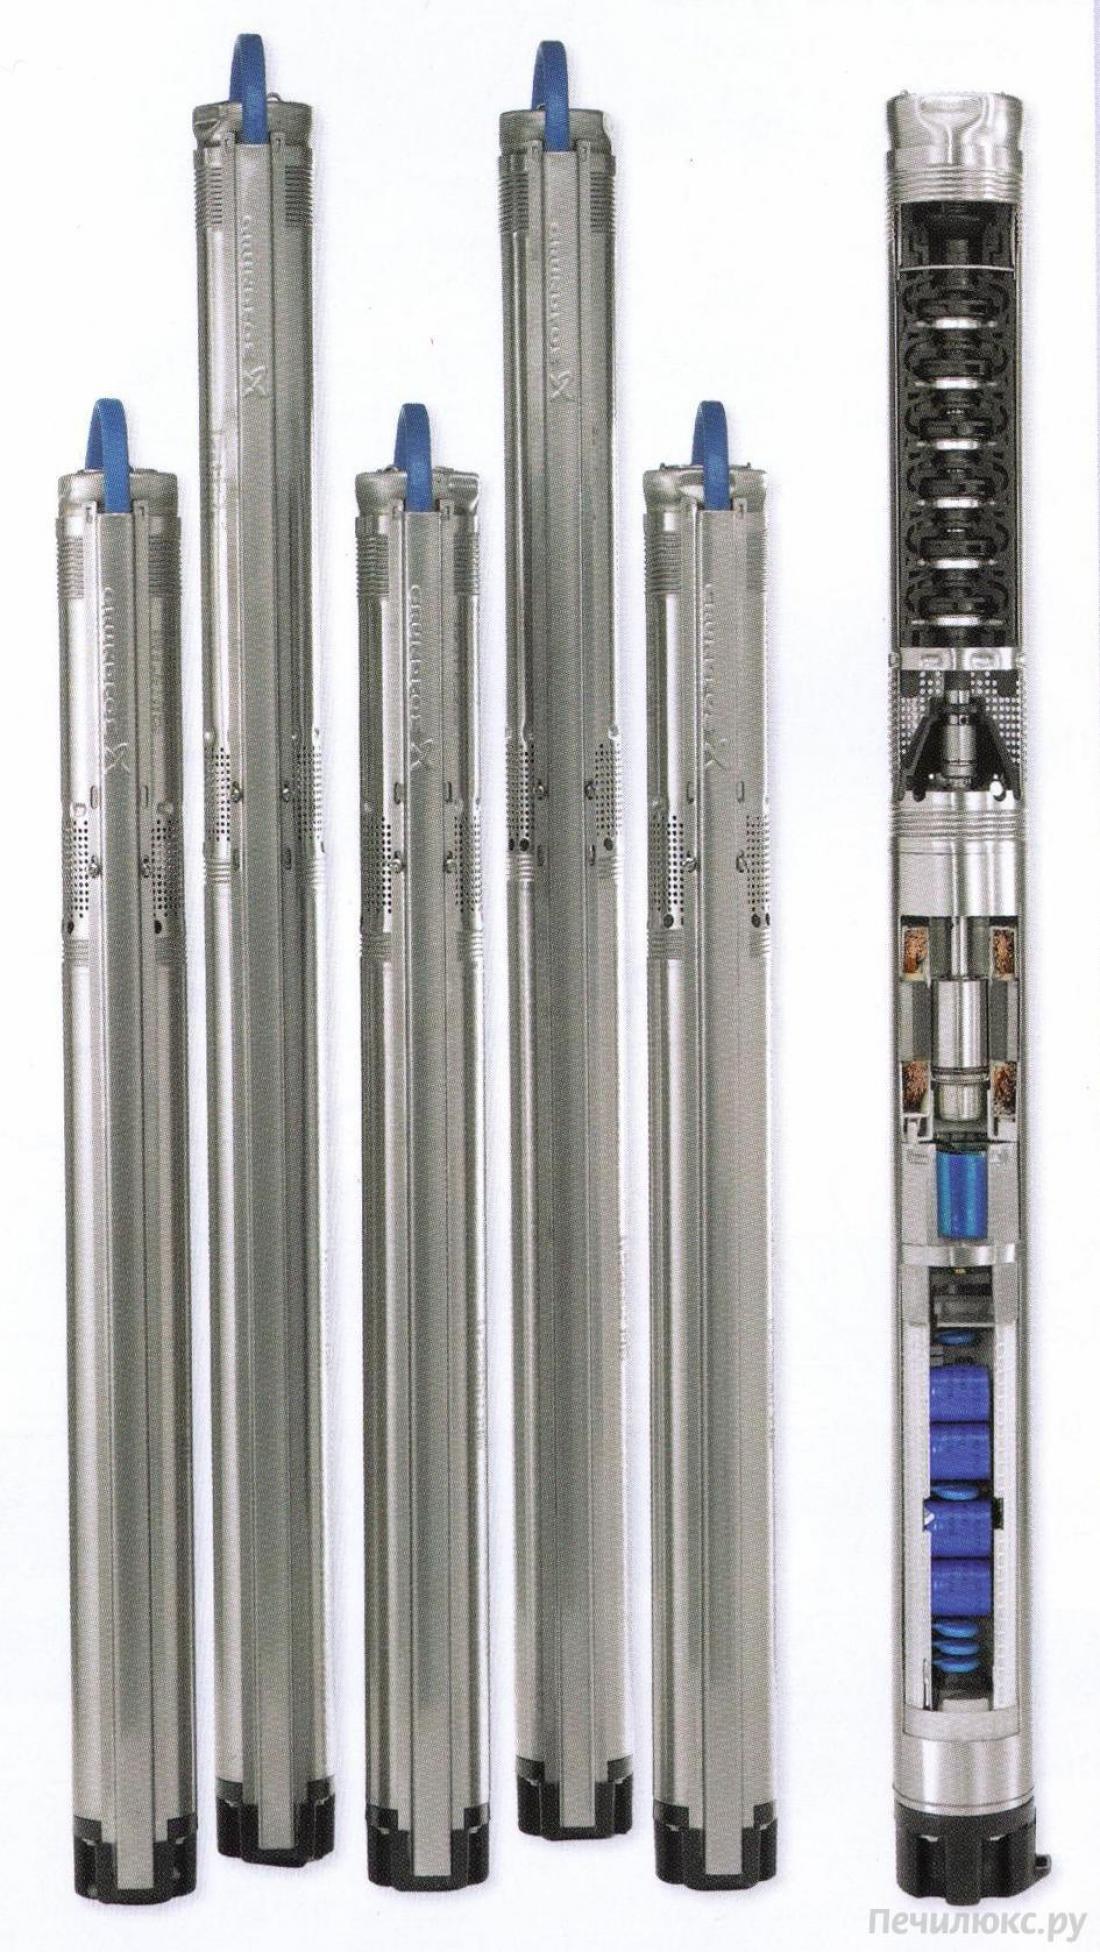 SQ  2- 35     0.70kW 200-240v 50/60Hz